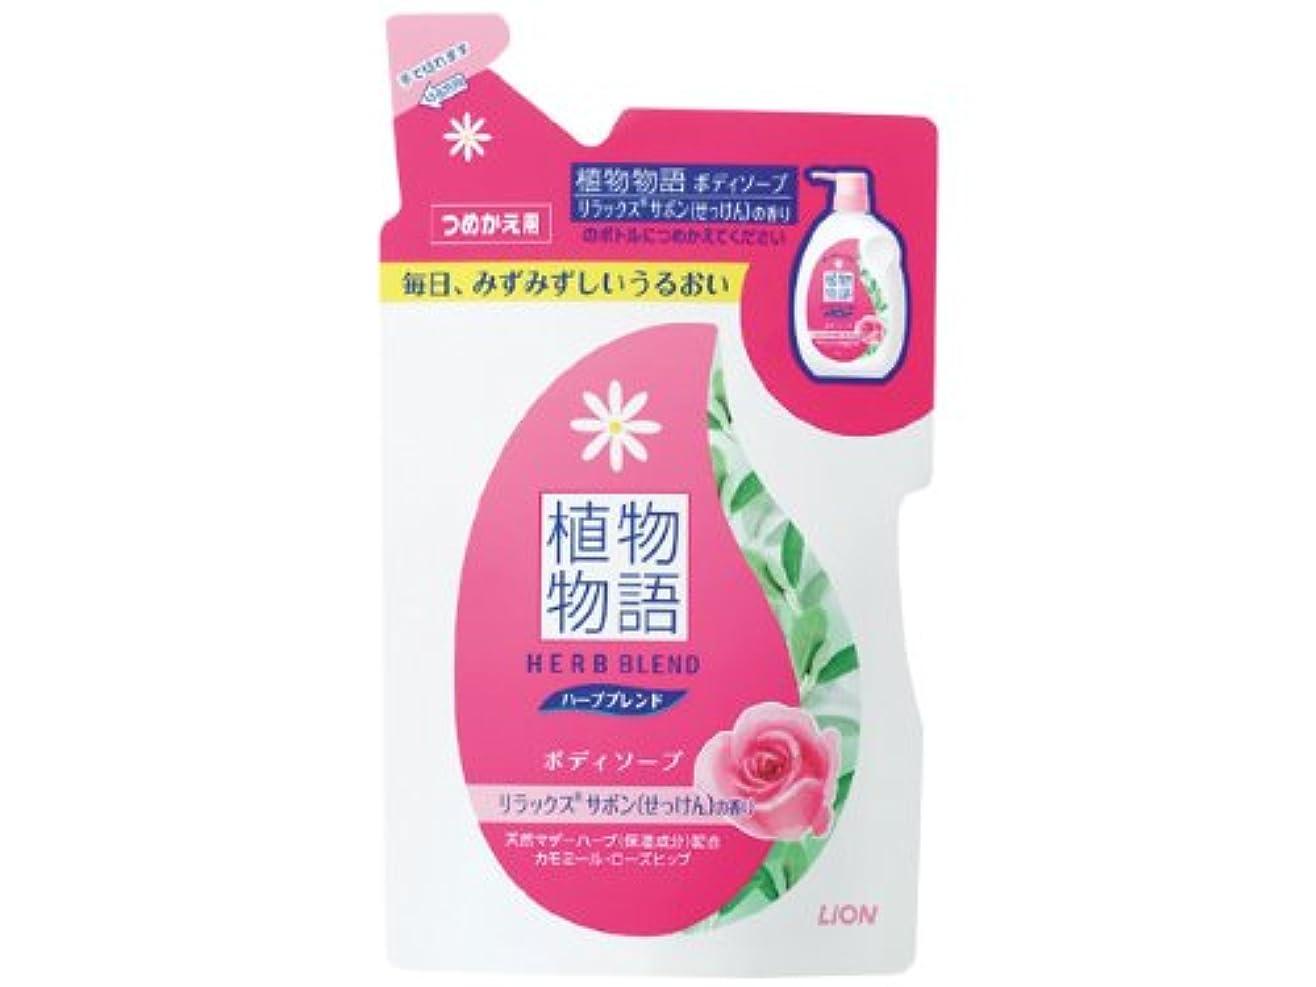 機関お嬢販売計画植物物語 ハーブブレンド ボディソープ リラックスサボン(せっけん)の香り つめかえ用 420mL